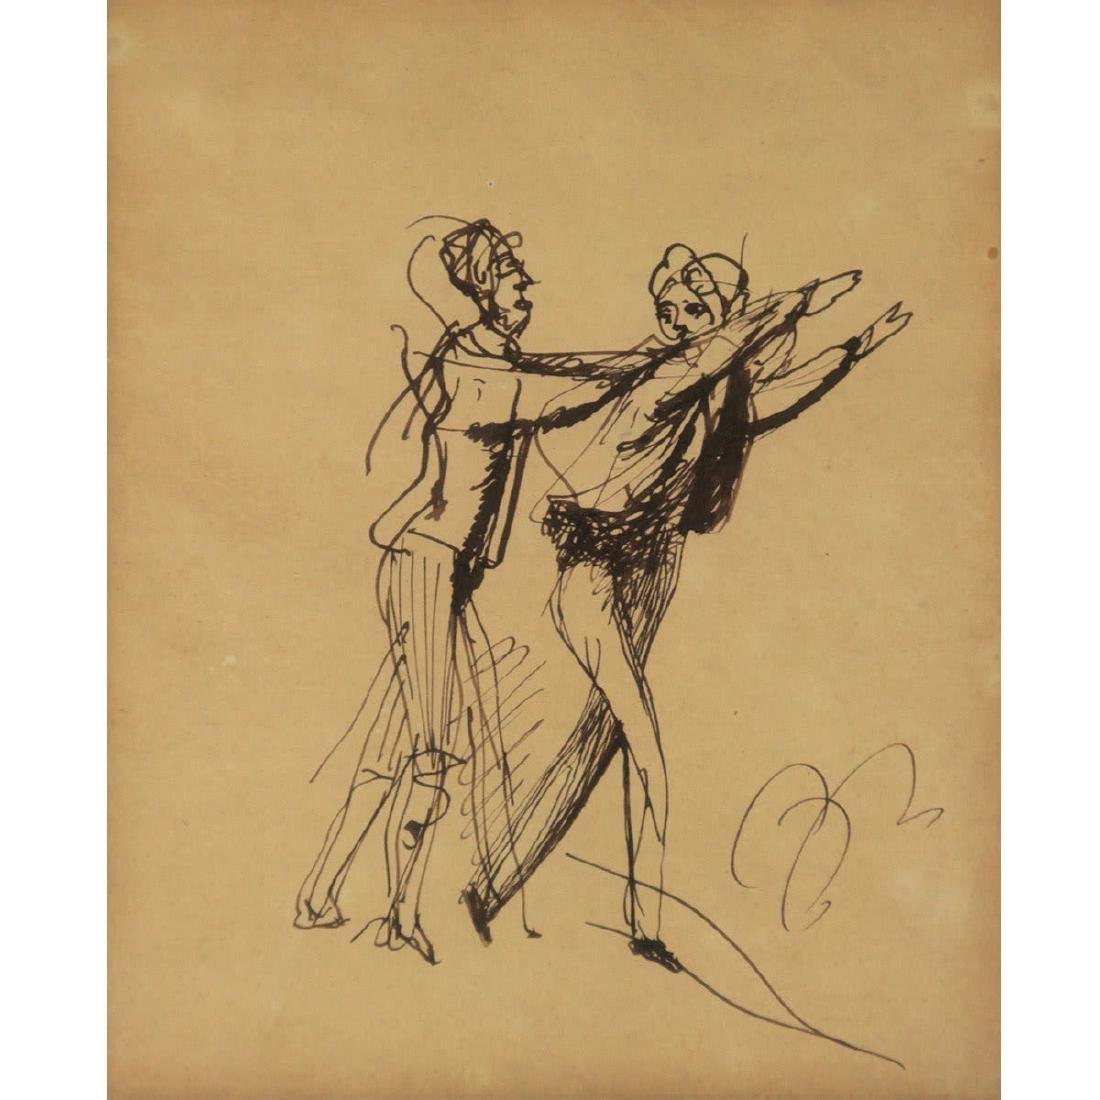 Balthus Balthasar Klossowski de Rola - The Pursuit, Ink